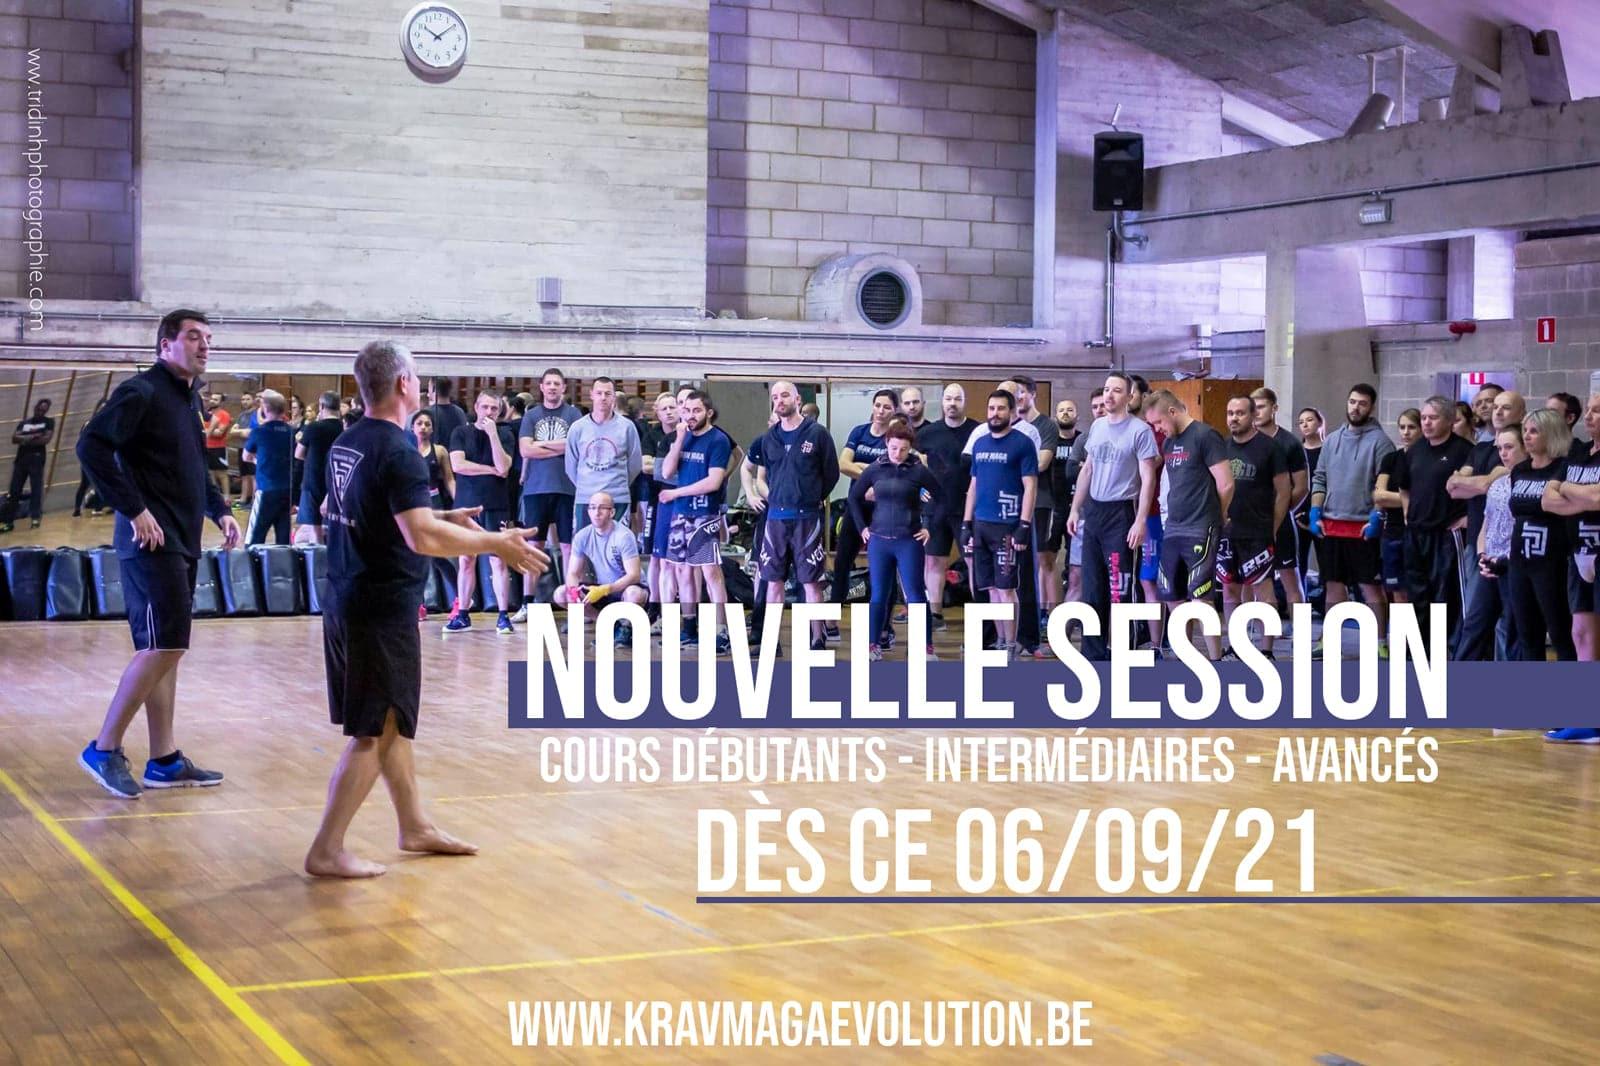 nouvelle session 2021